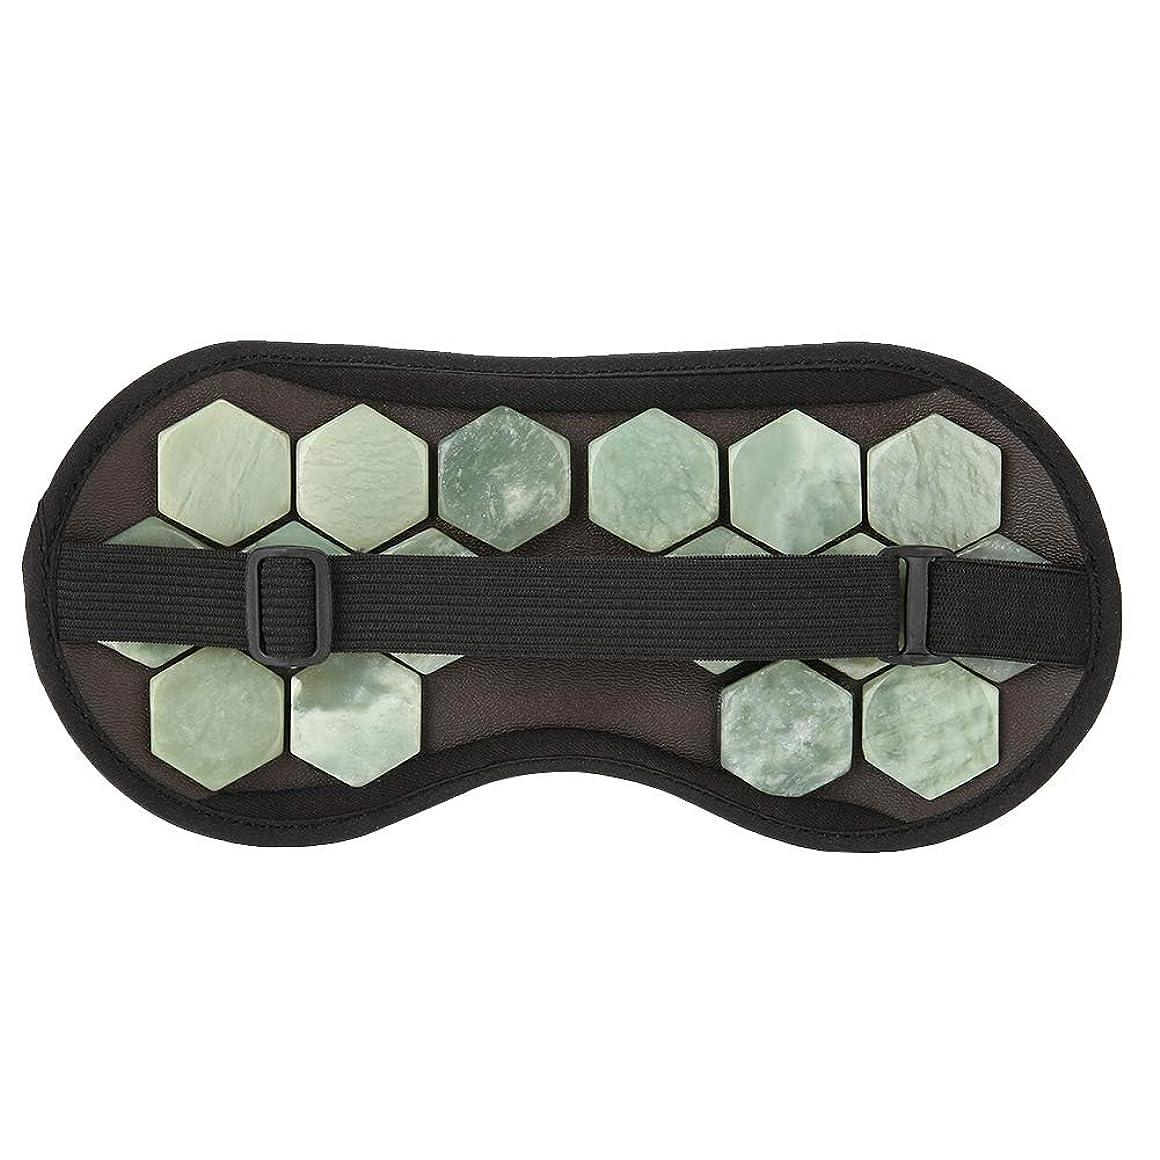 配置啓発する何故なの睡眠のアイマスク、旅行のための磁気マッサージャーの遮光の目隠しの目カバー昼寝シフト作業(2#)